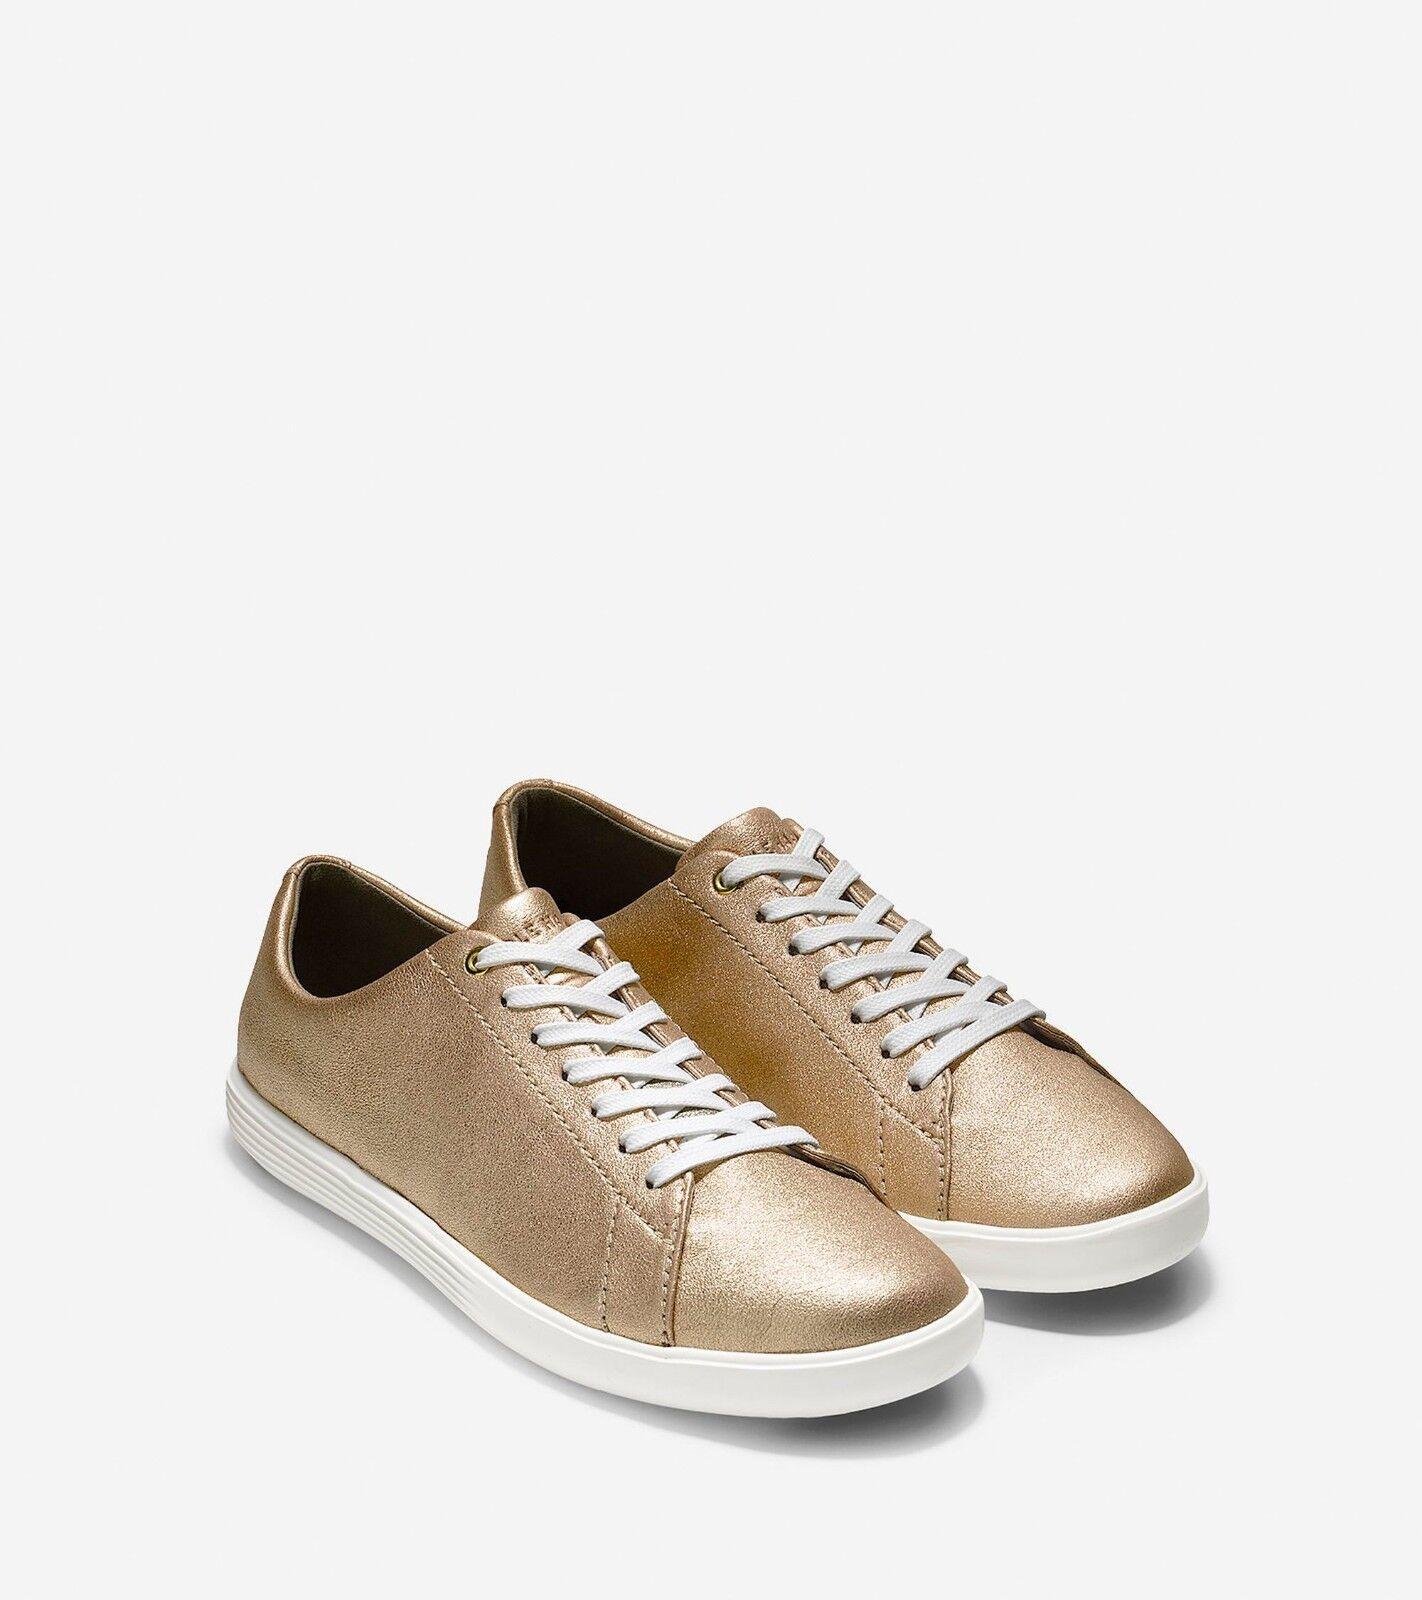 NEW Cole Haan Grand Crosscourt II Sneaker (Gold/WEISS) - WOMEN'S Schuhe SIZE 8